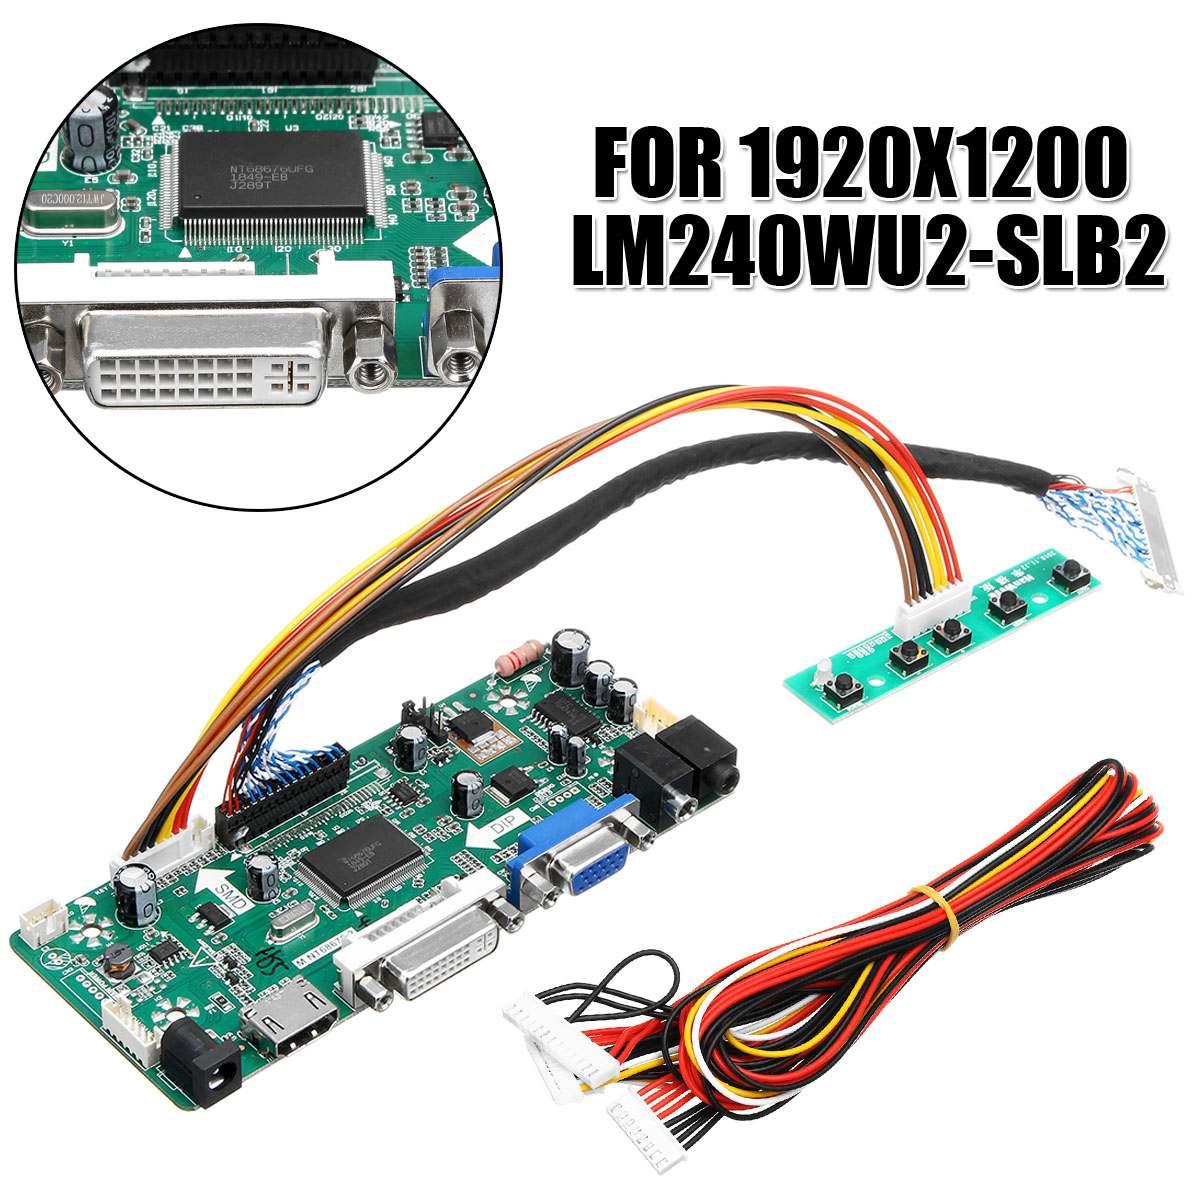 """LEORY LCD contrôleur carte DVI VGA HDMI Audio PC bricolage pilote carte convertisseur Kit pour 1920x1200 LM240WU2-SLB2 24 """"affichage"""